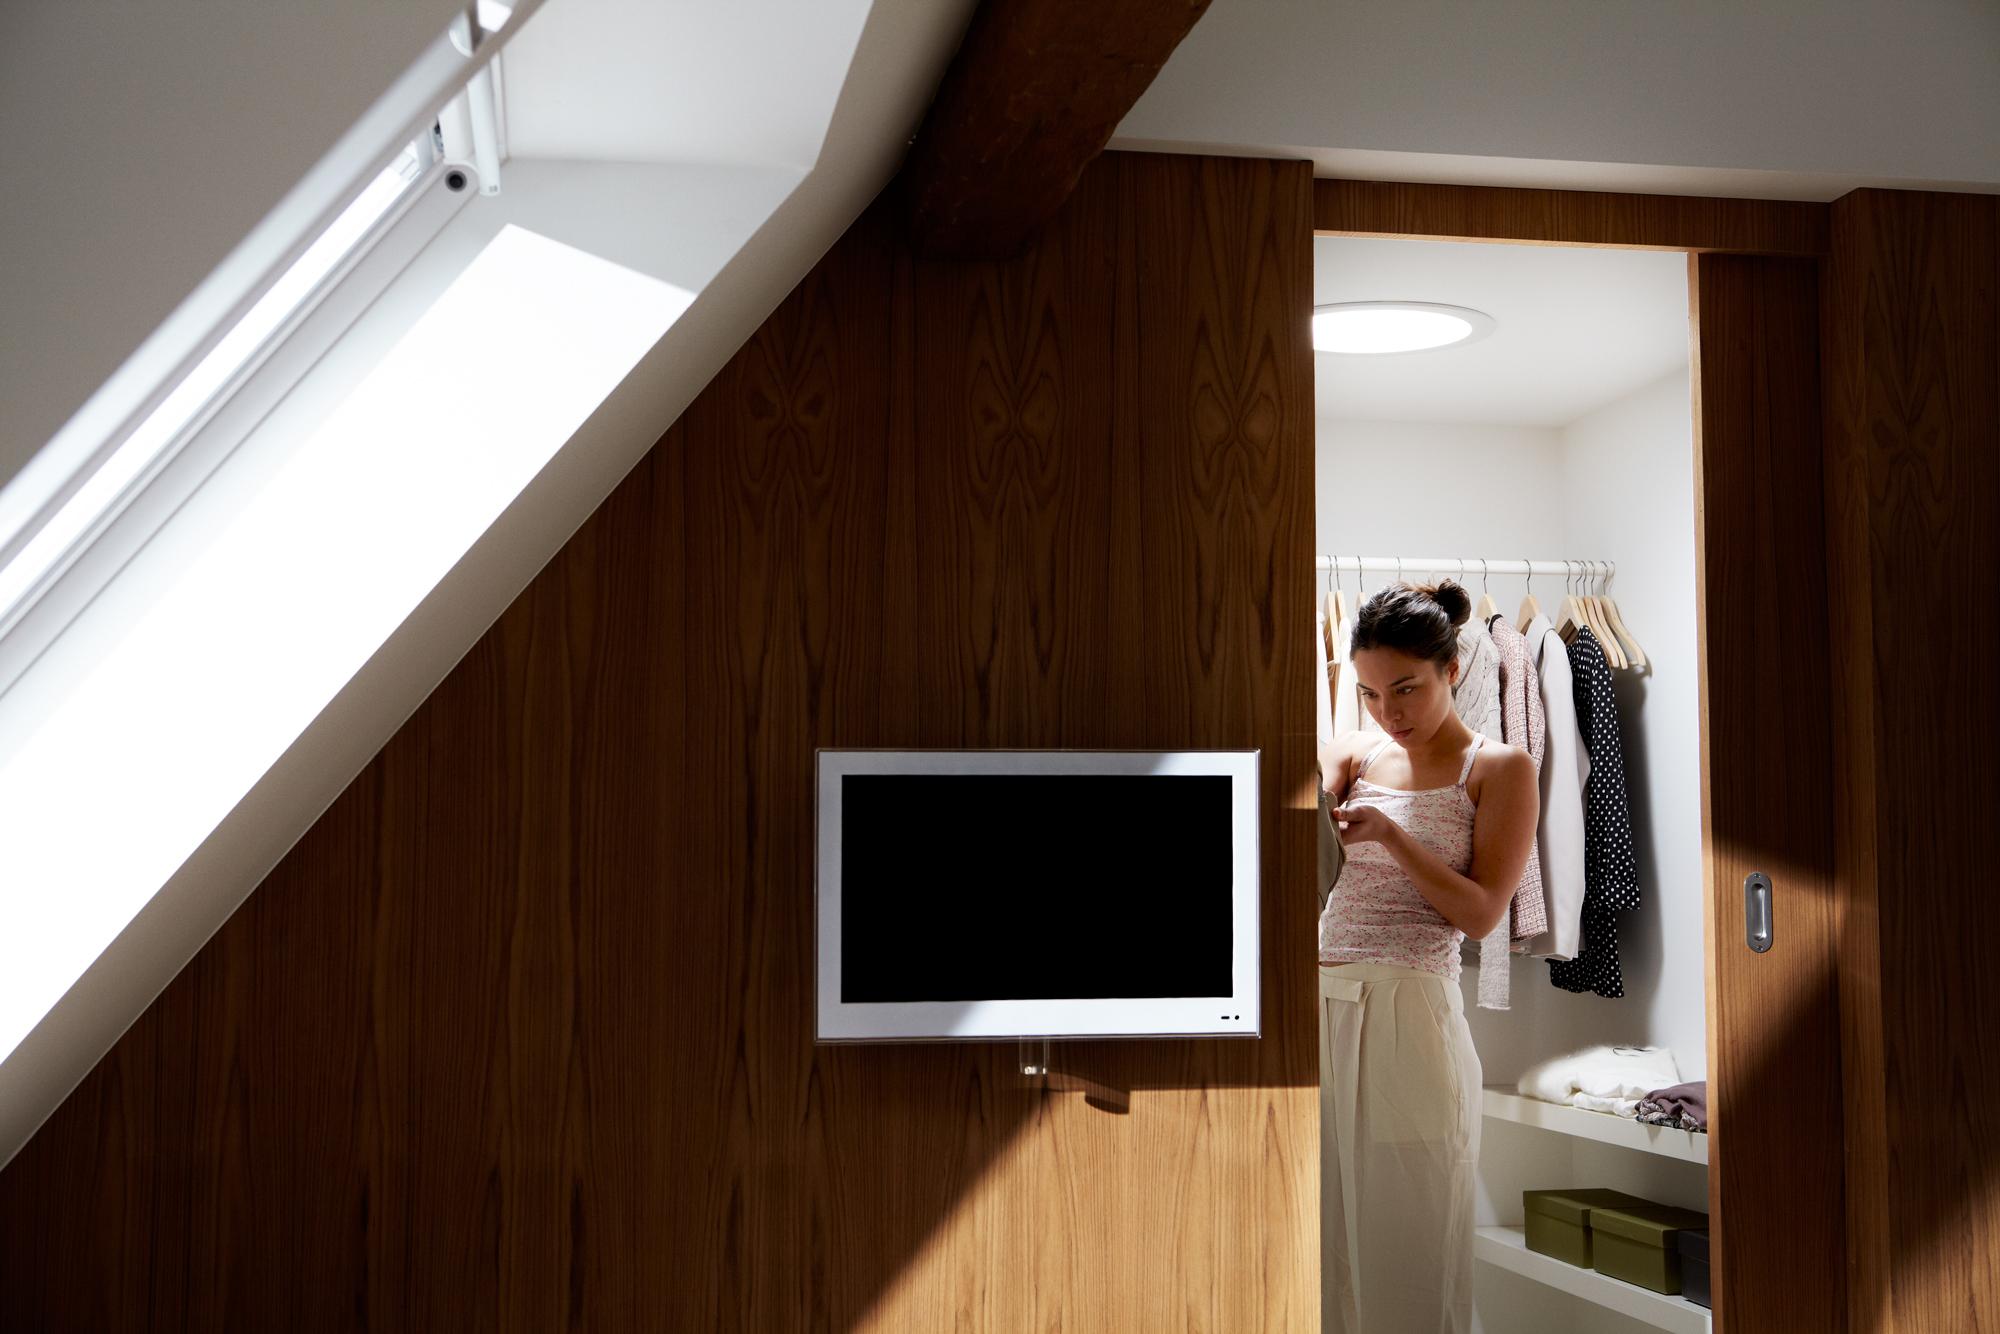 Tunnel solare il sole in una stanza luce naturale dal soffitto - Finestre con pannelli solari ...